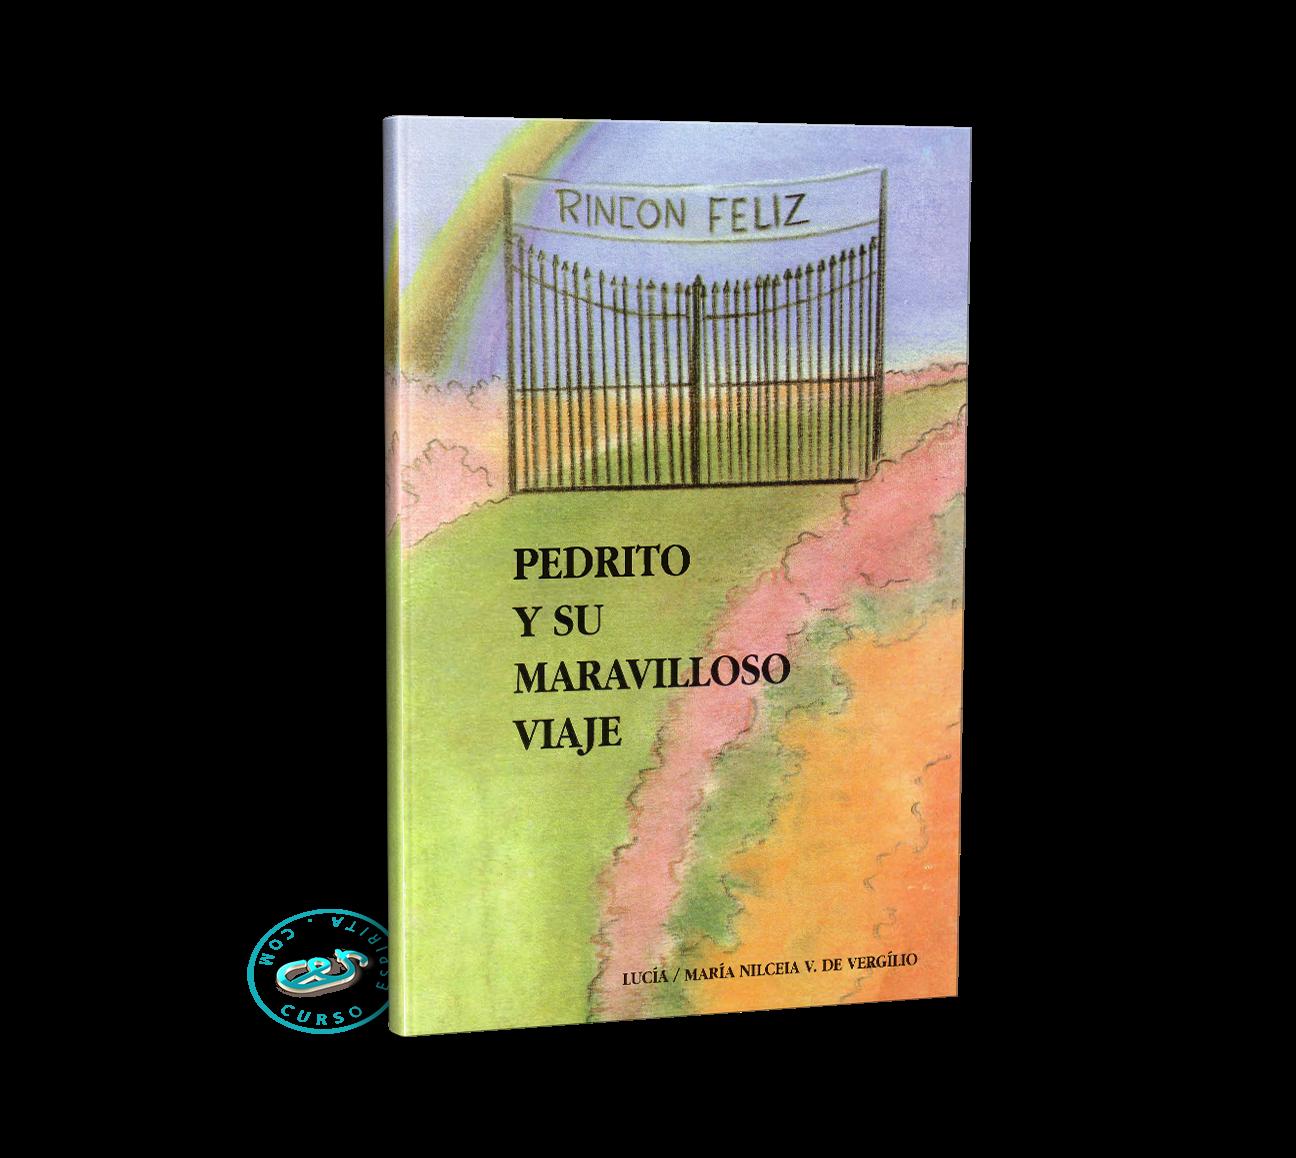 Portada Pedrito y su maravilloso viaje por la médium María Nilceia V . De Vergílio